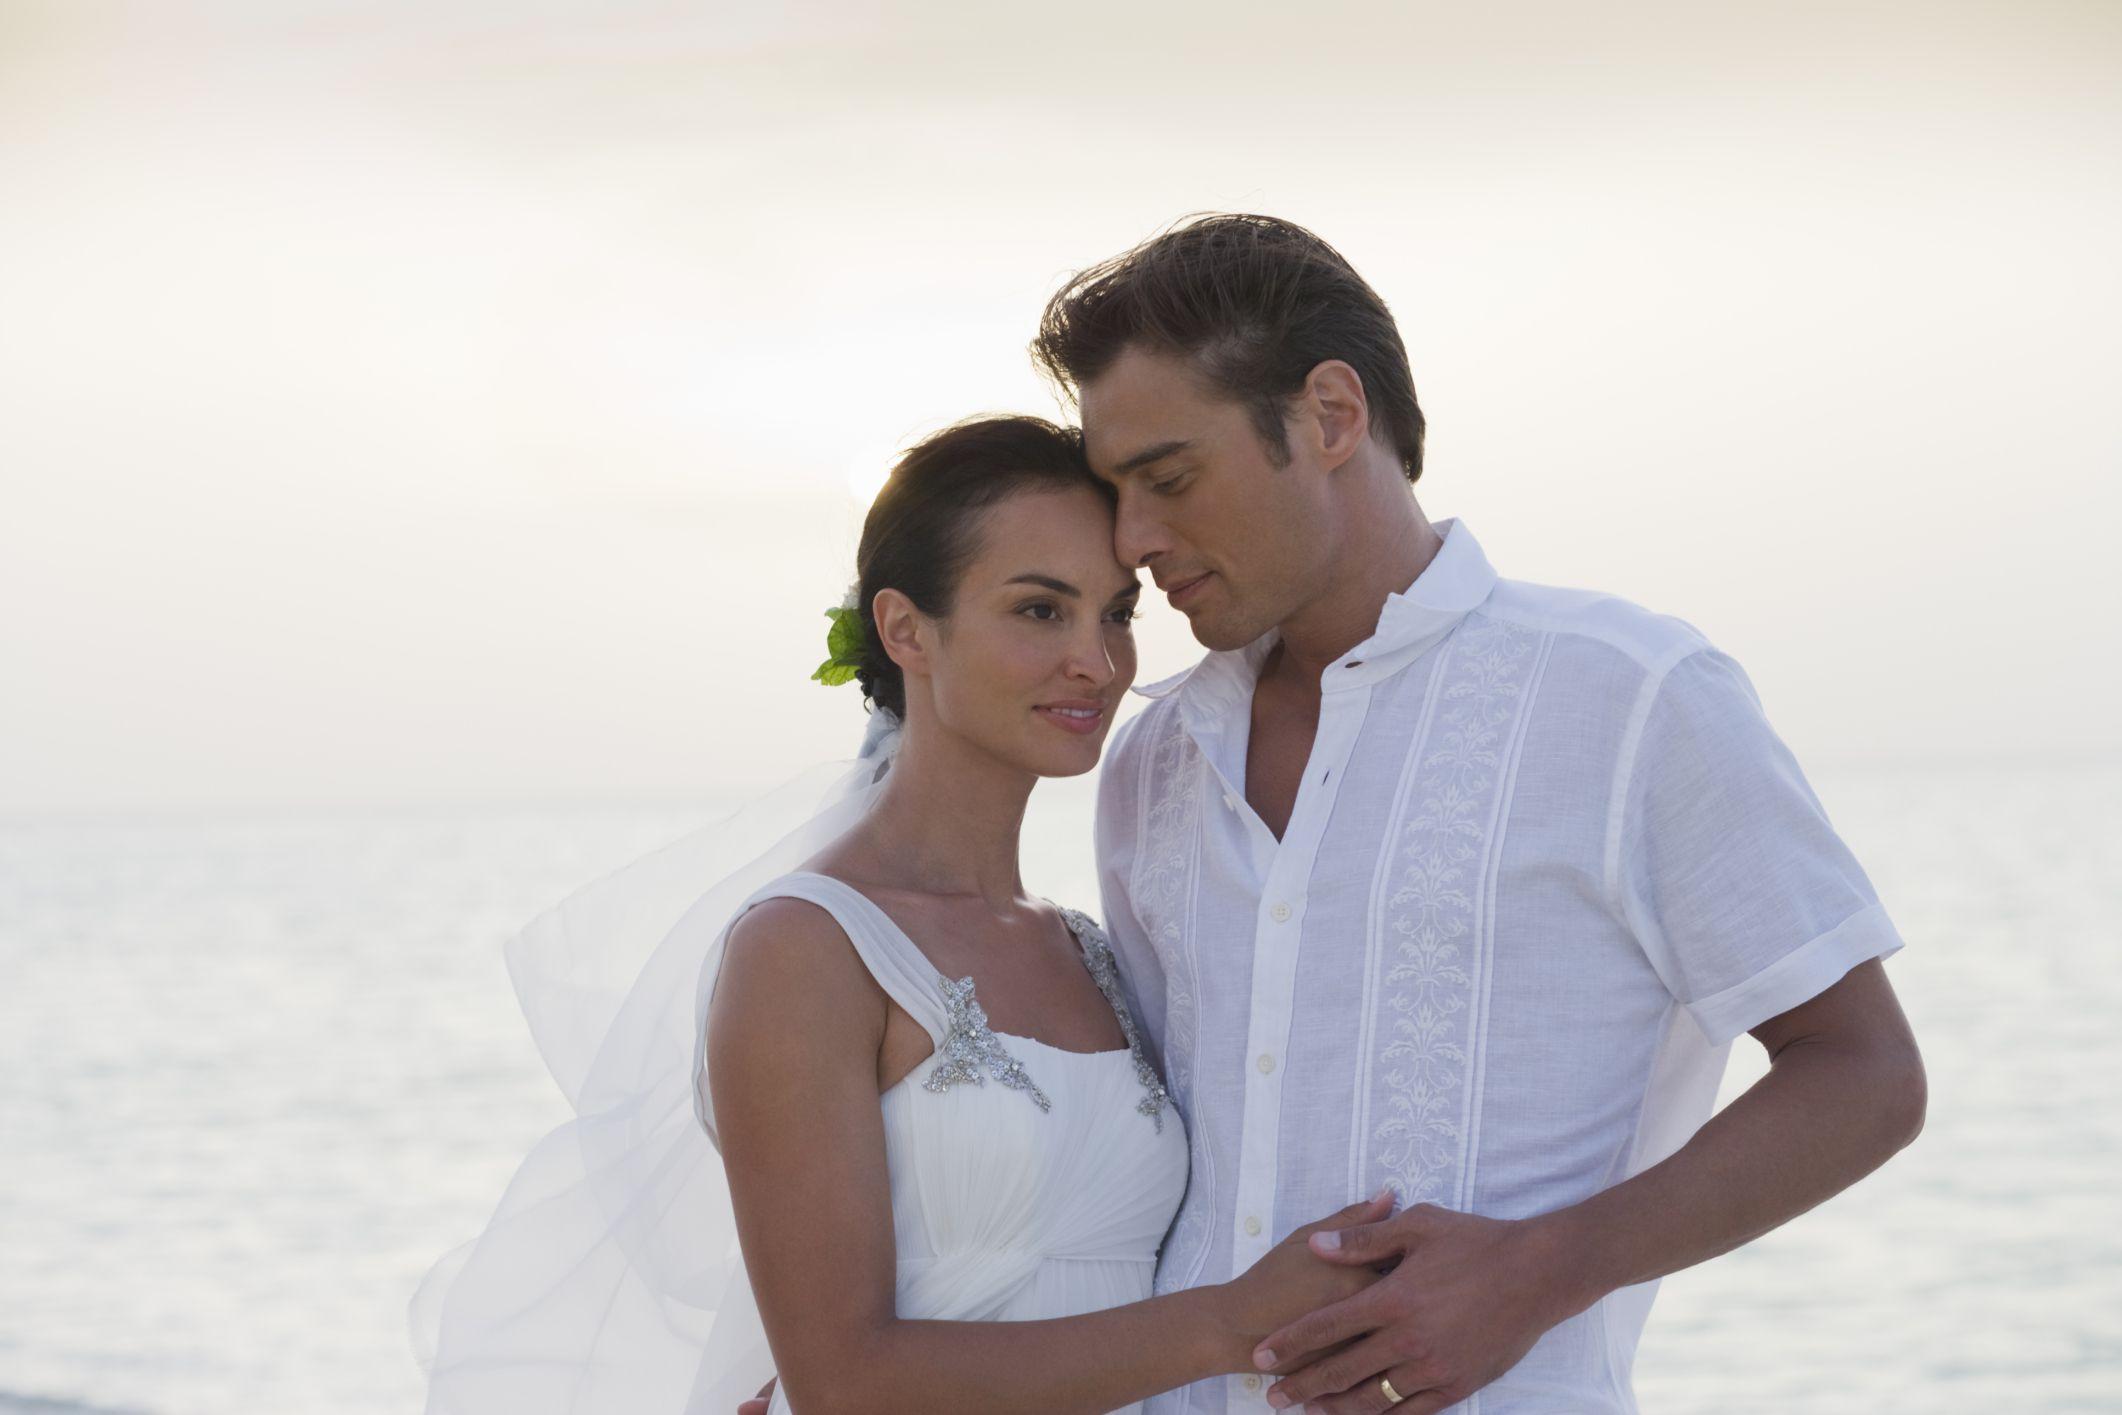 El Matrimonio Catolico Tiene Validez Legal : Validez en ee uu de matrimonio celebrado en otro país